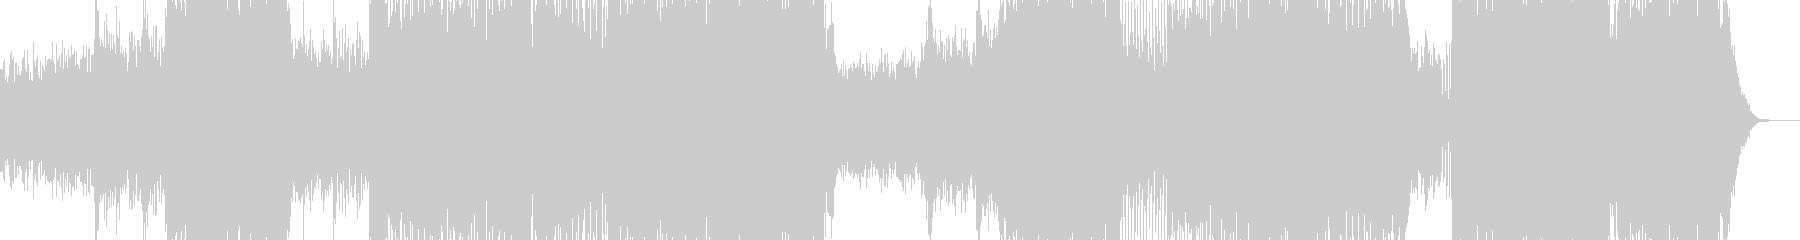 ピアノ・大空を翔けるテーマ 長尺+の未再生の波形